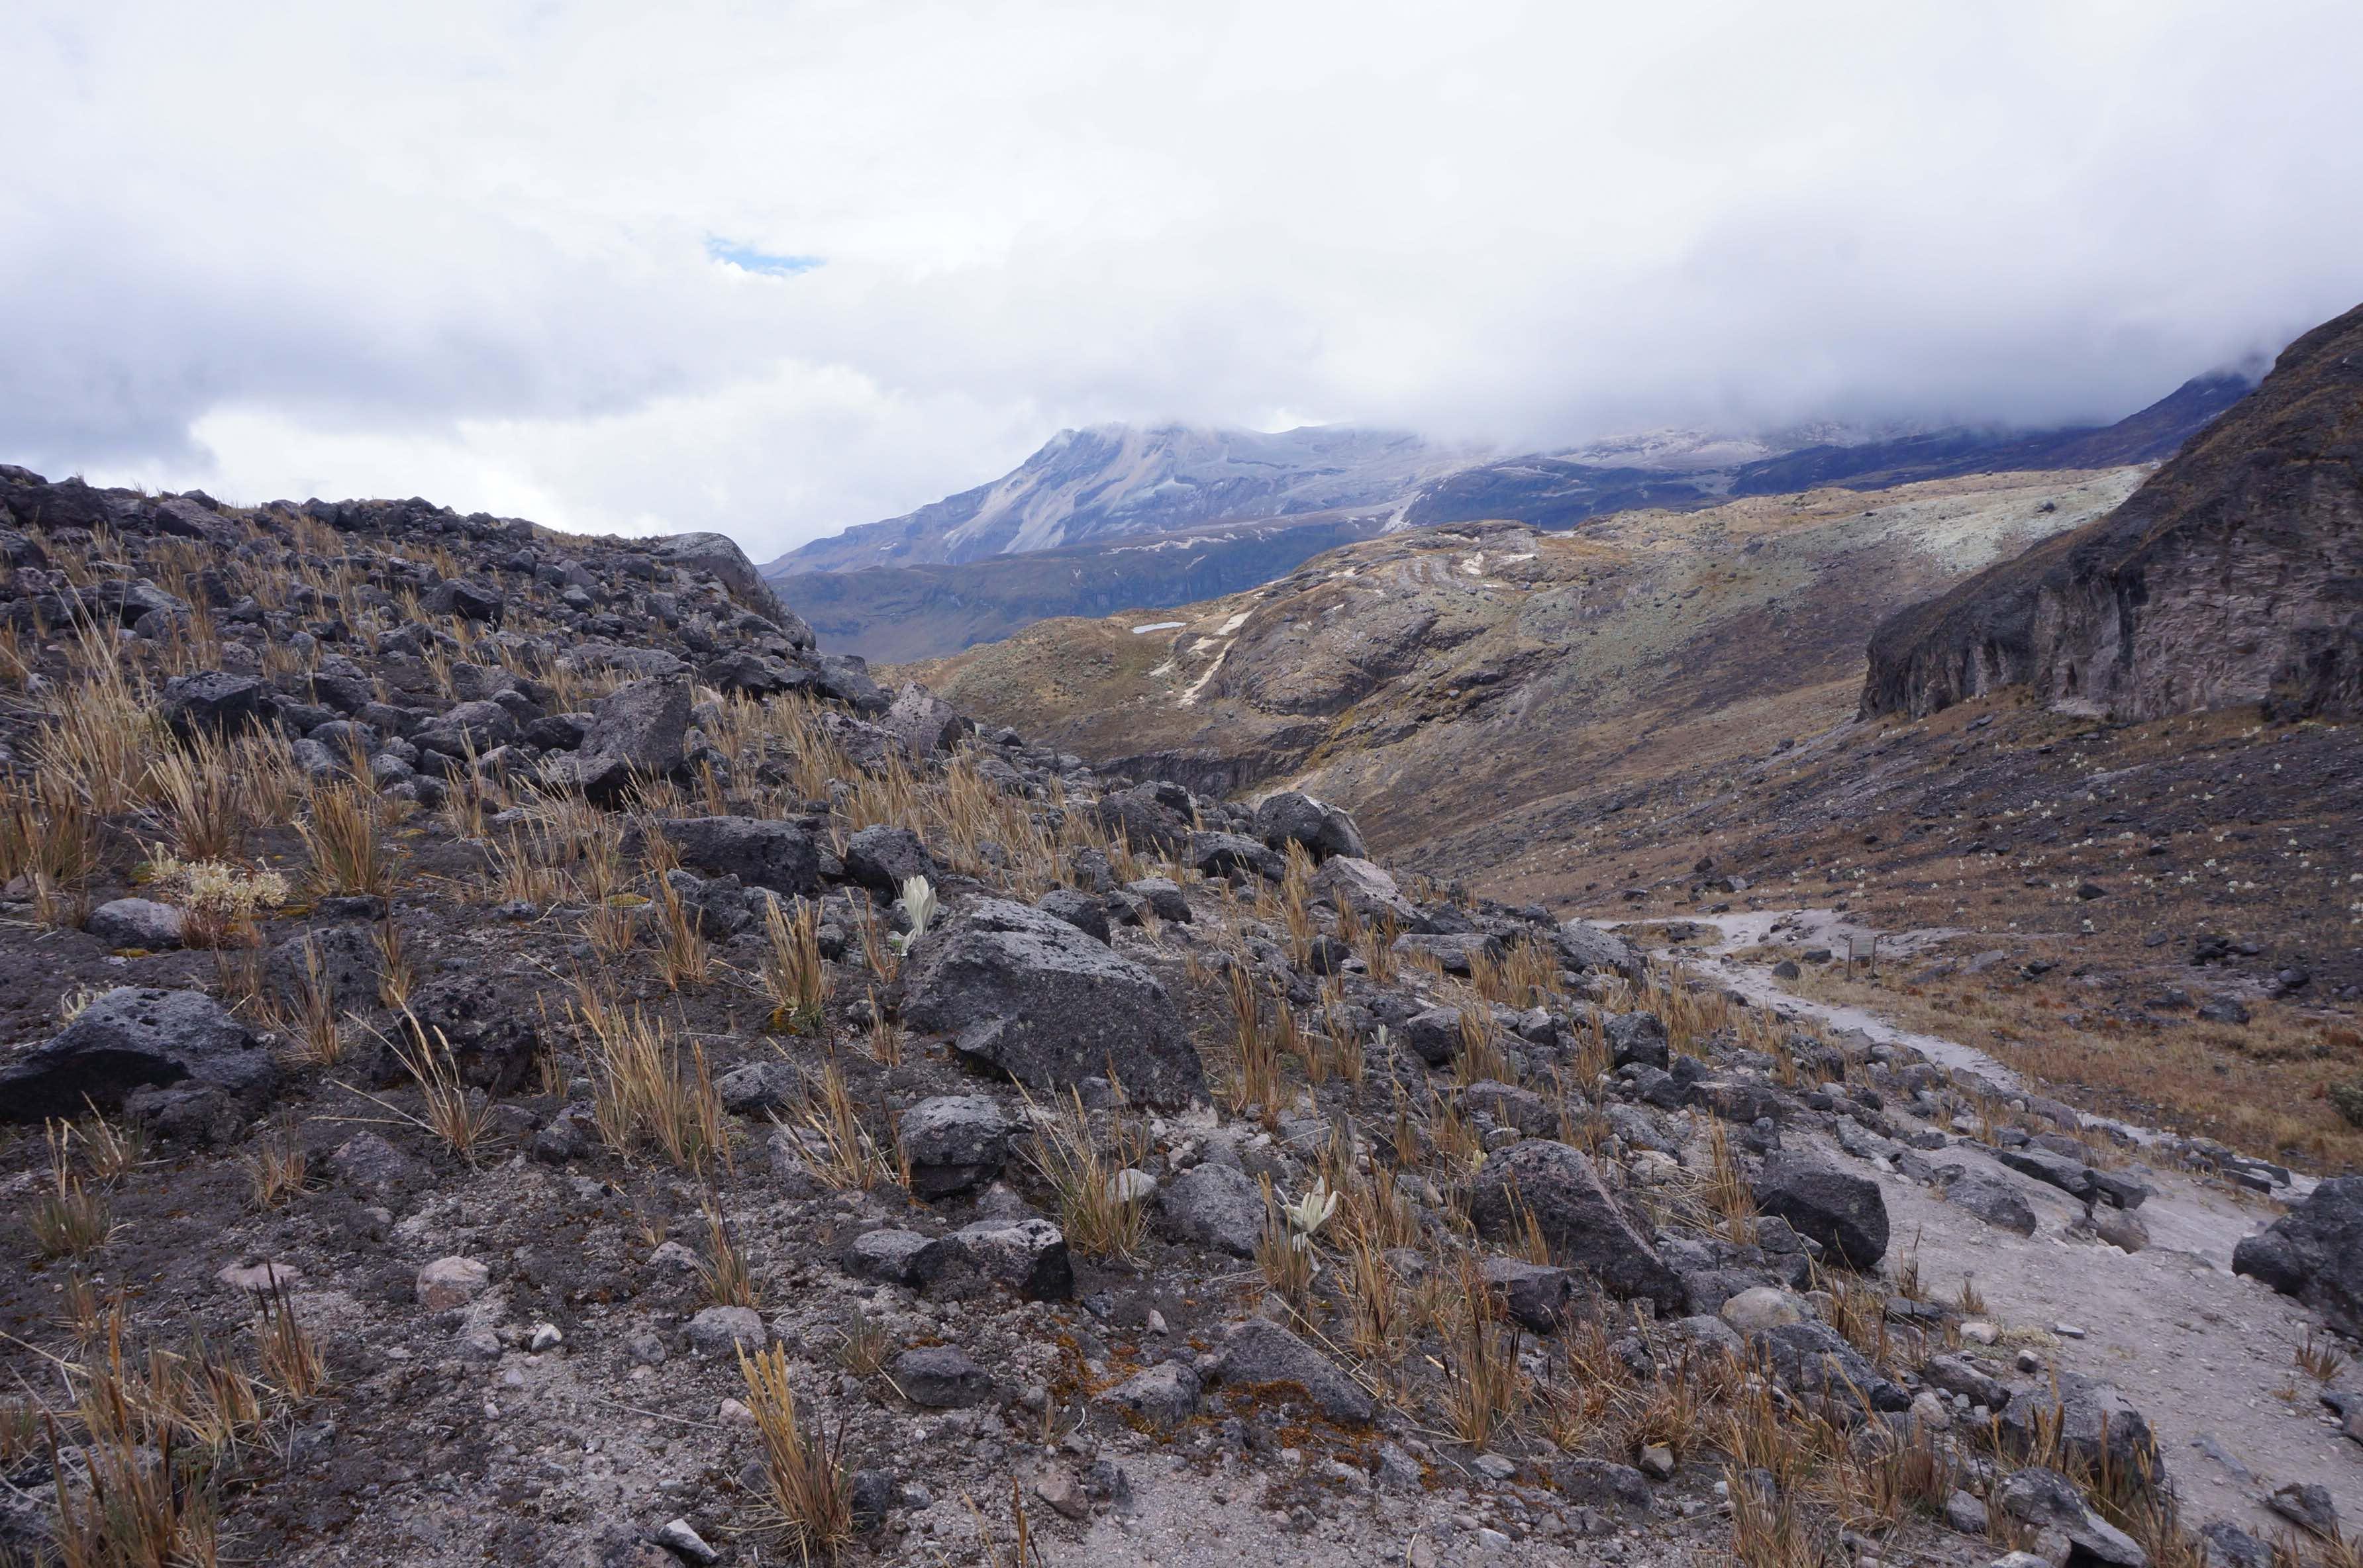 glacier santa isabel, colombie